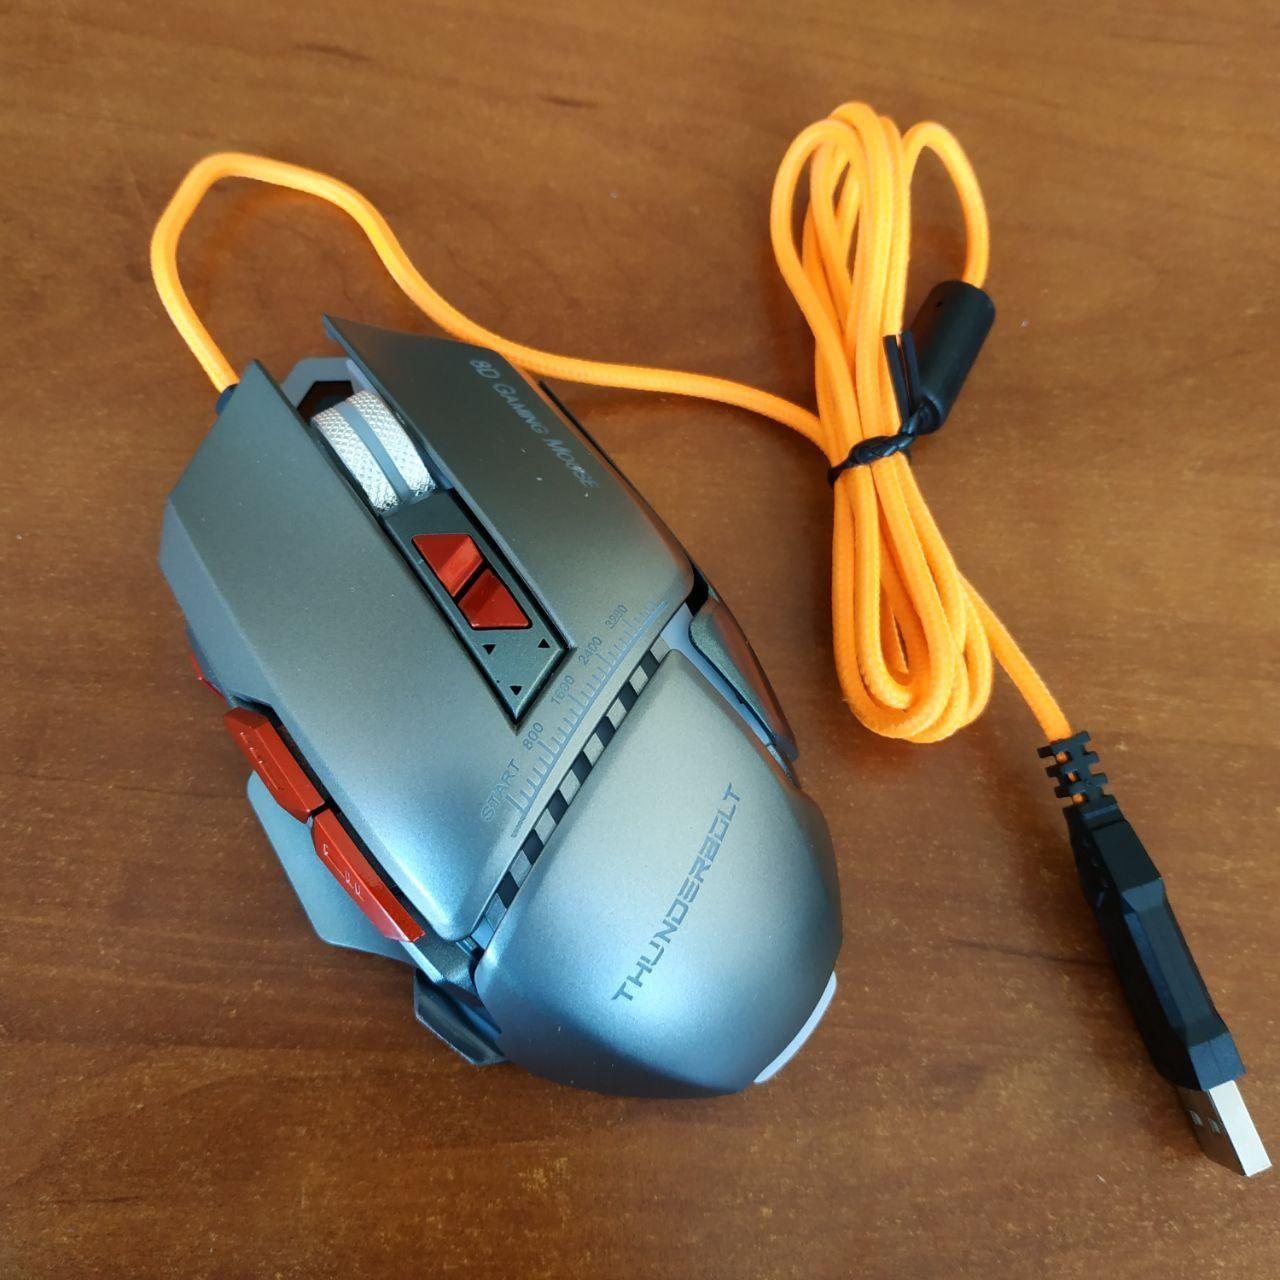 Игровая мышка Aquipment Master 8D LED подсветка Gaming USB 2.0 геймерская и компьютерная серая